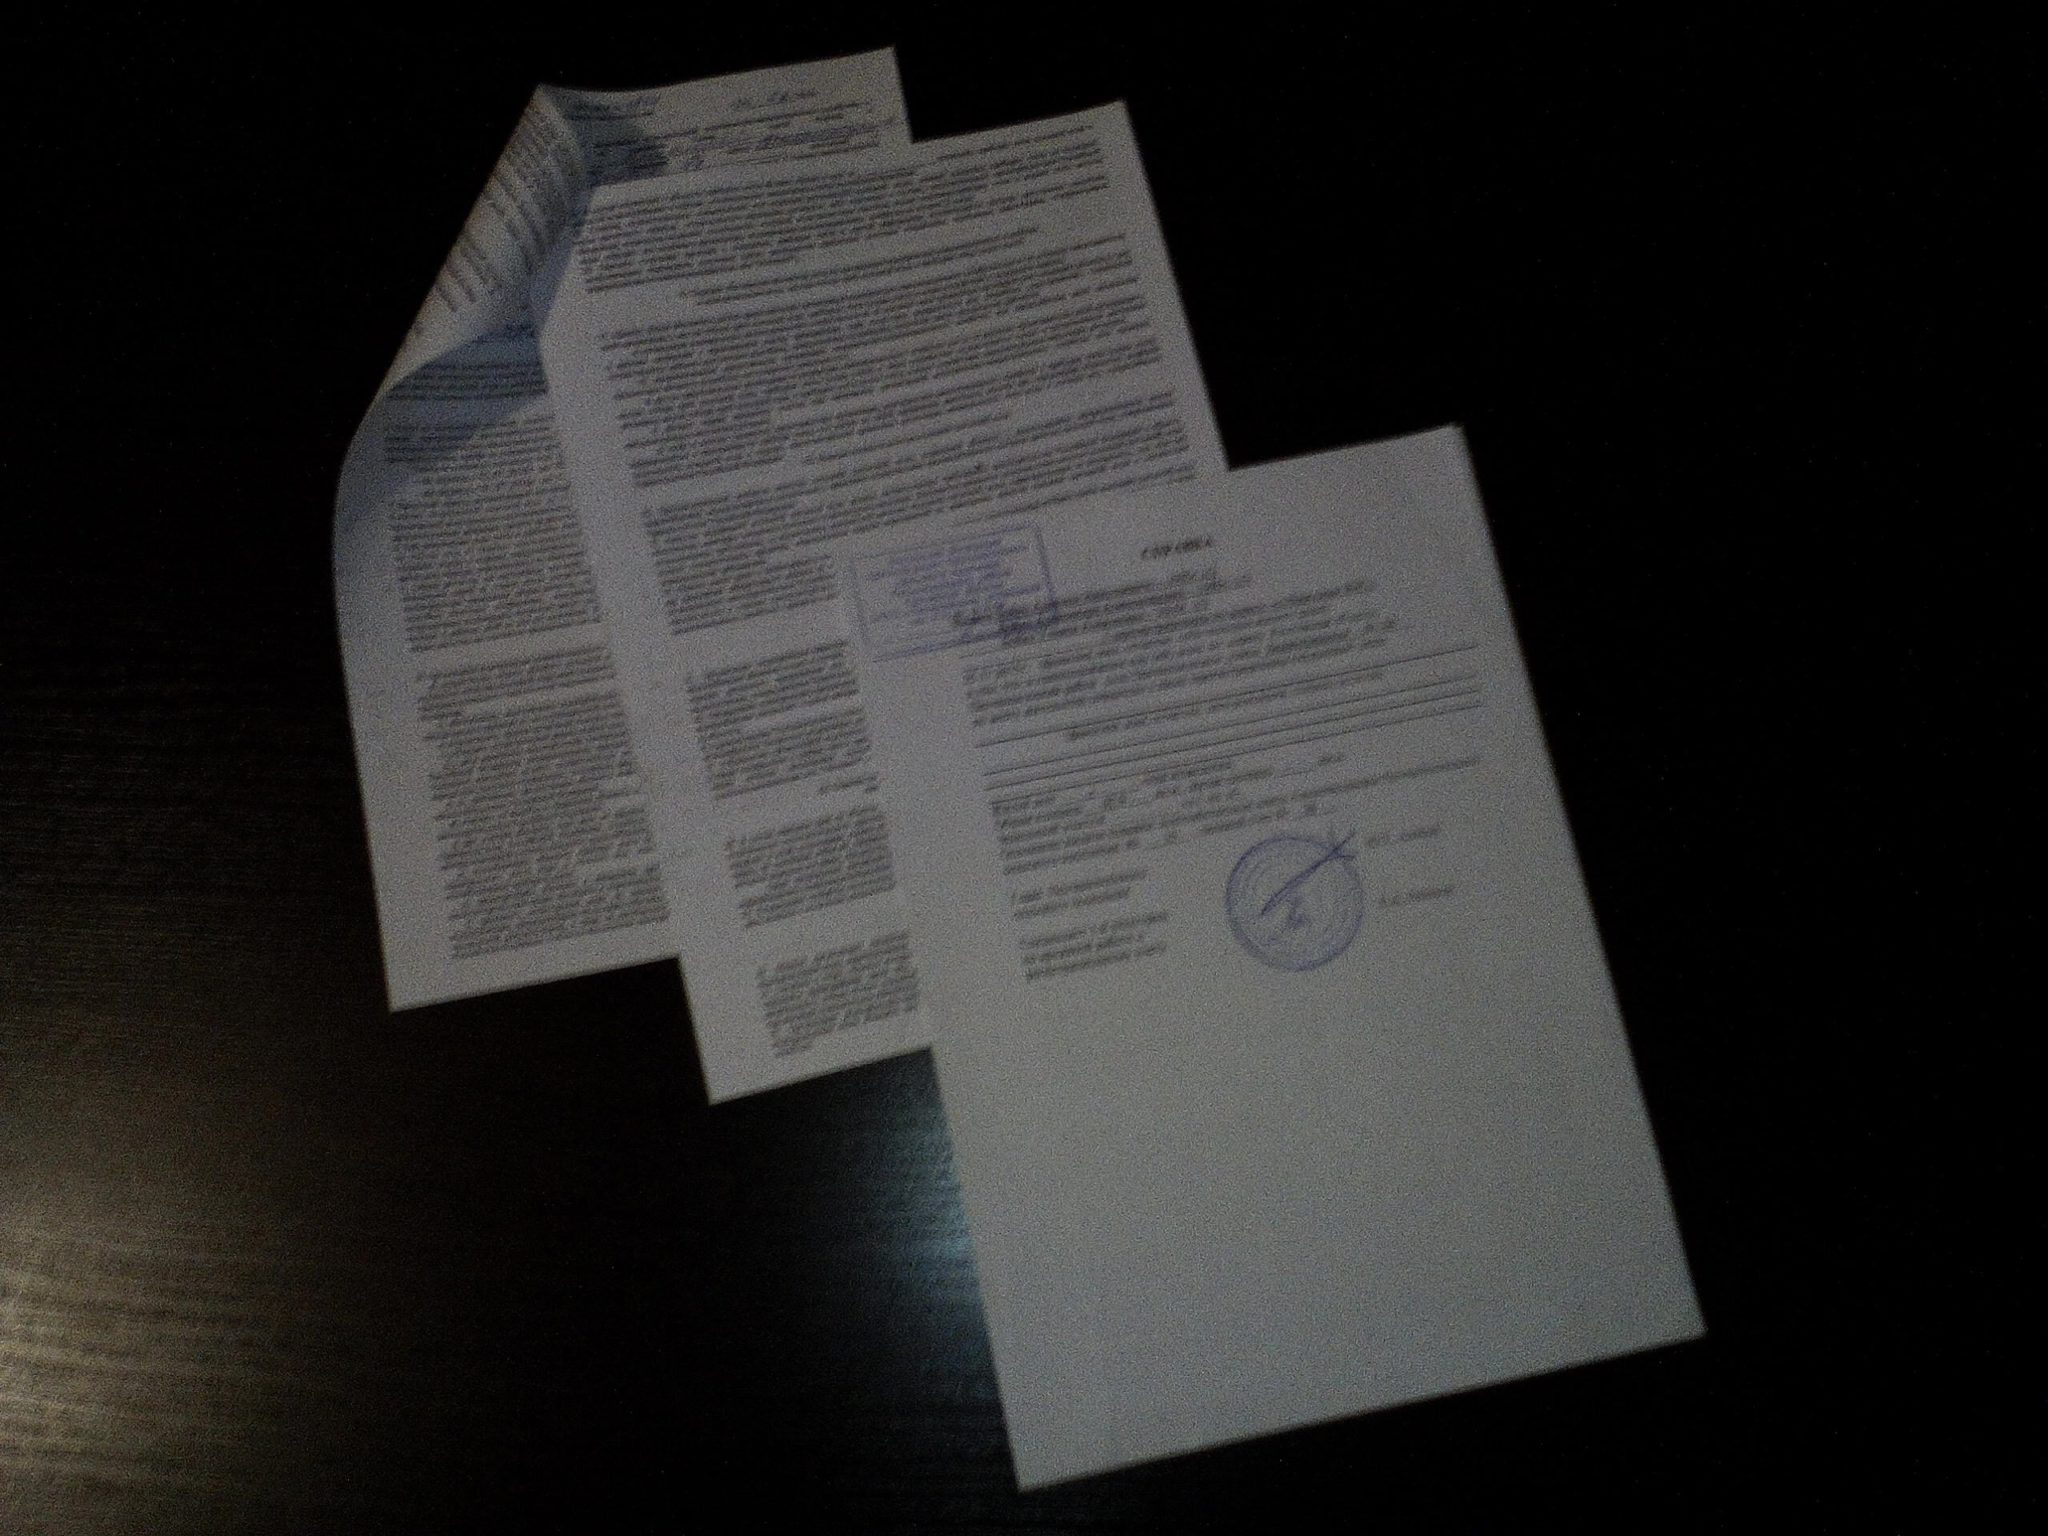 Можно ли обжаловать протокол ГИБДД, если подписал?